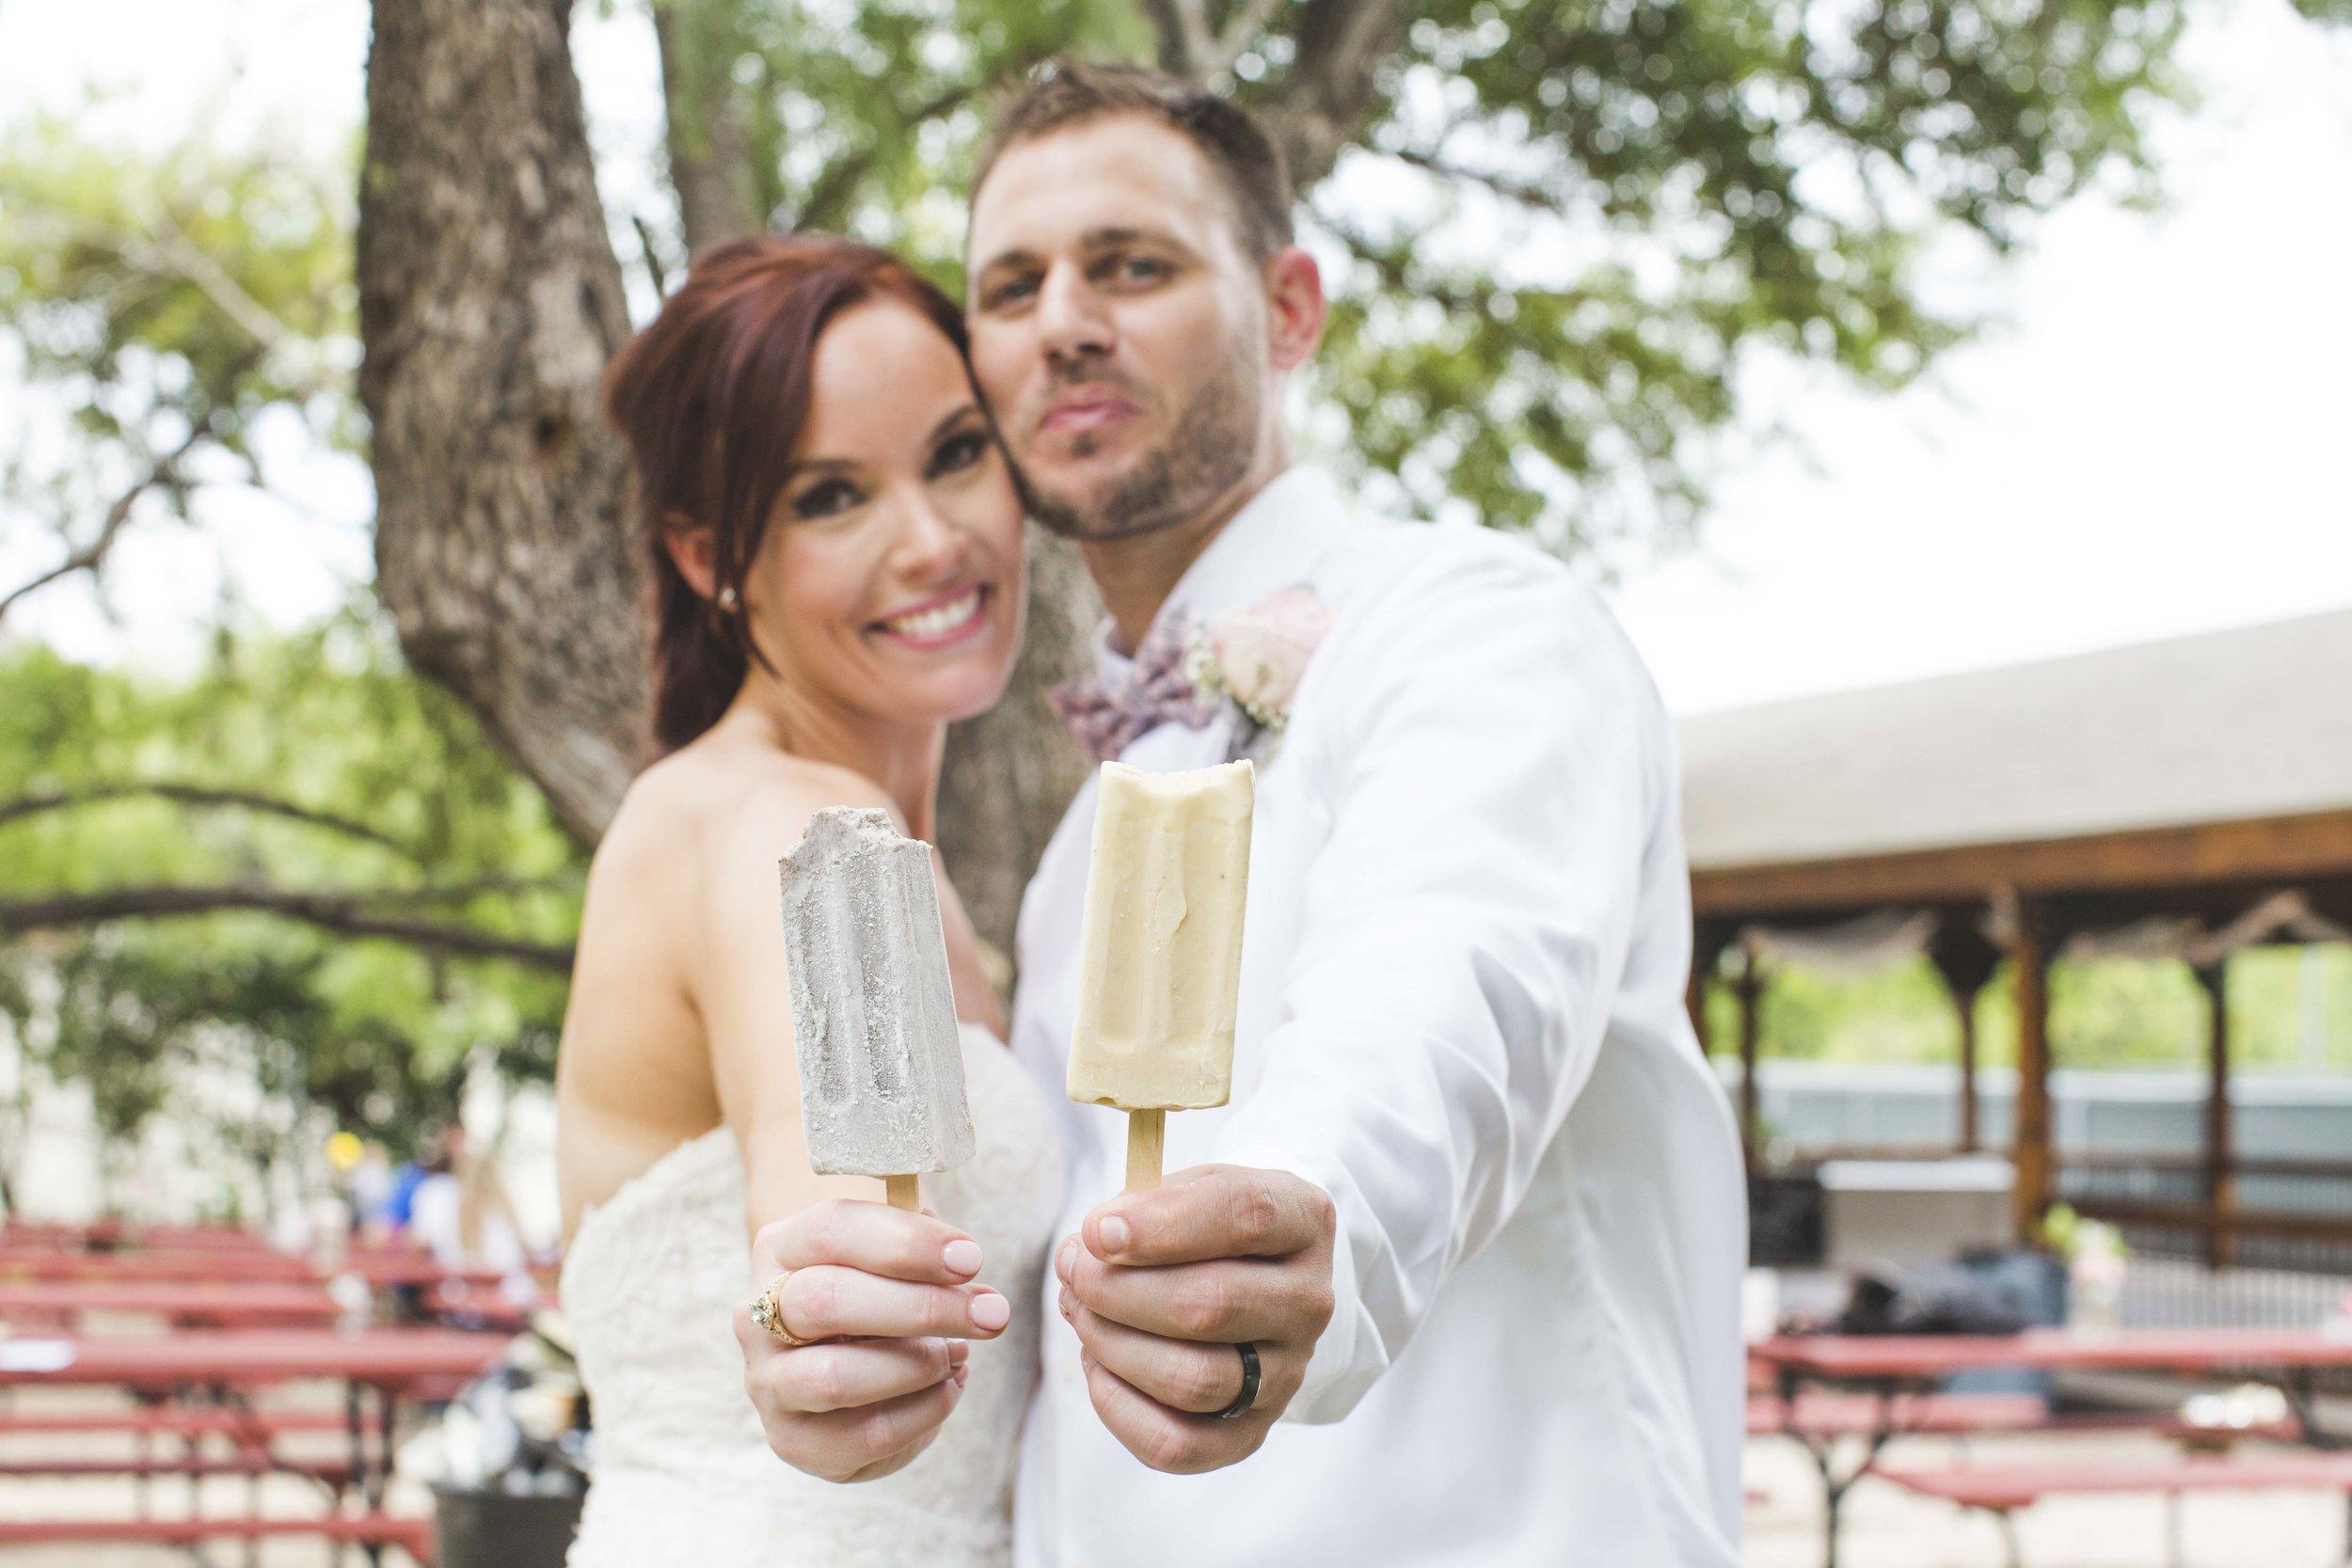 ATGI_Susanna & Matt Wedding_717A8627.jpg